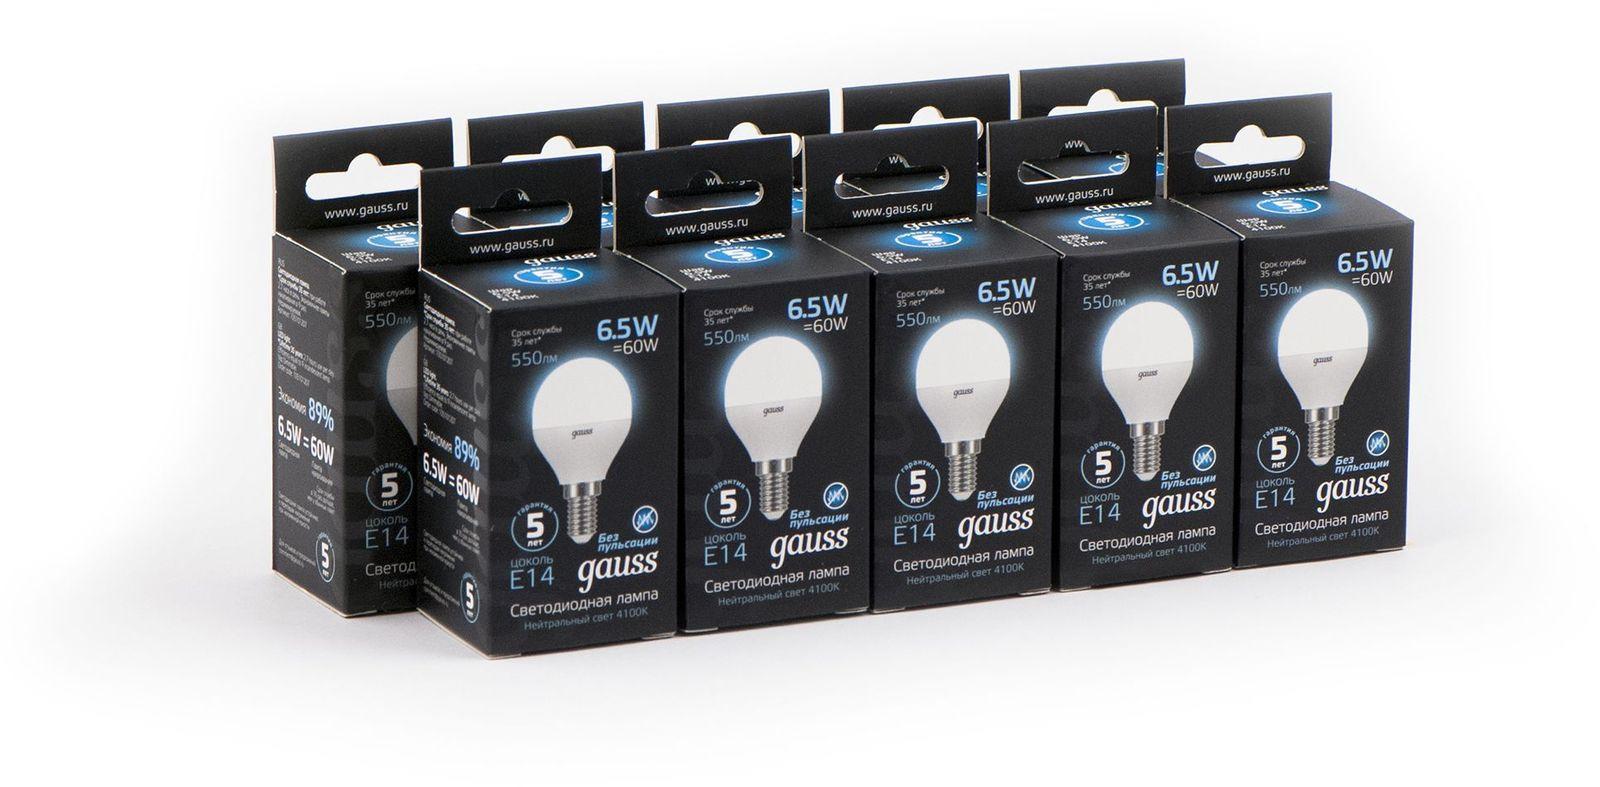 Лампочка Gauss Светодиодная Black Шар 10 шт, Нейтральный свет 6.5 Вт, Светодиодная